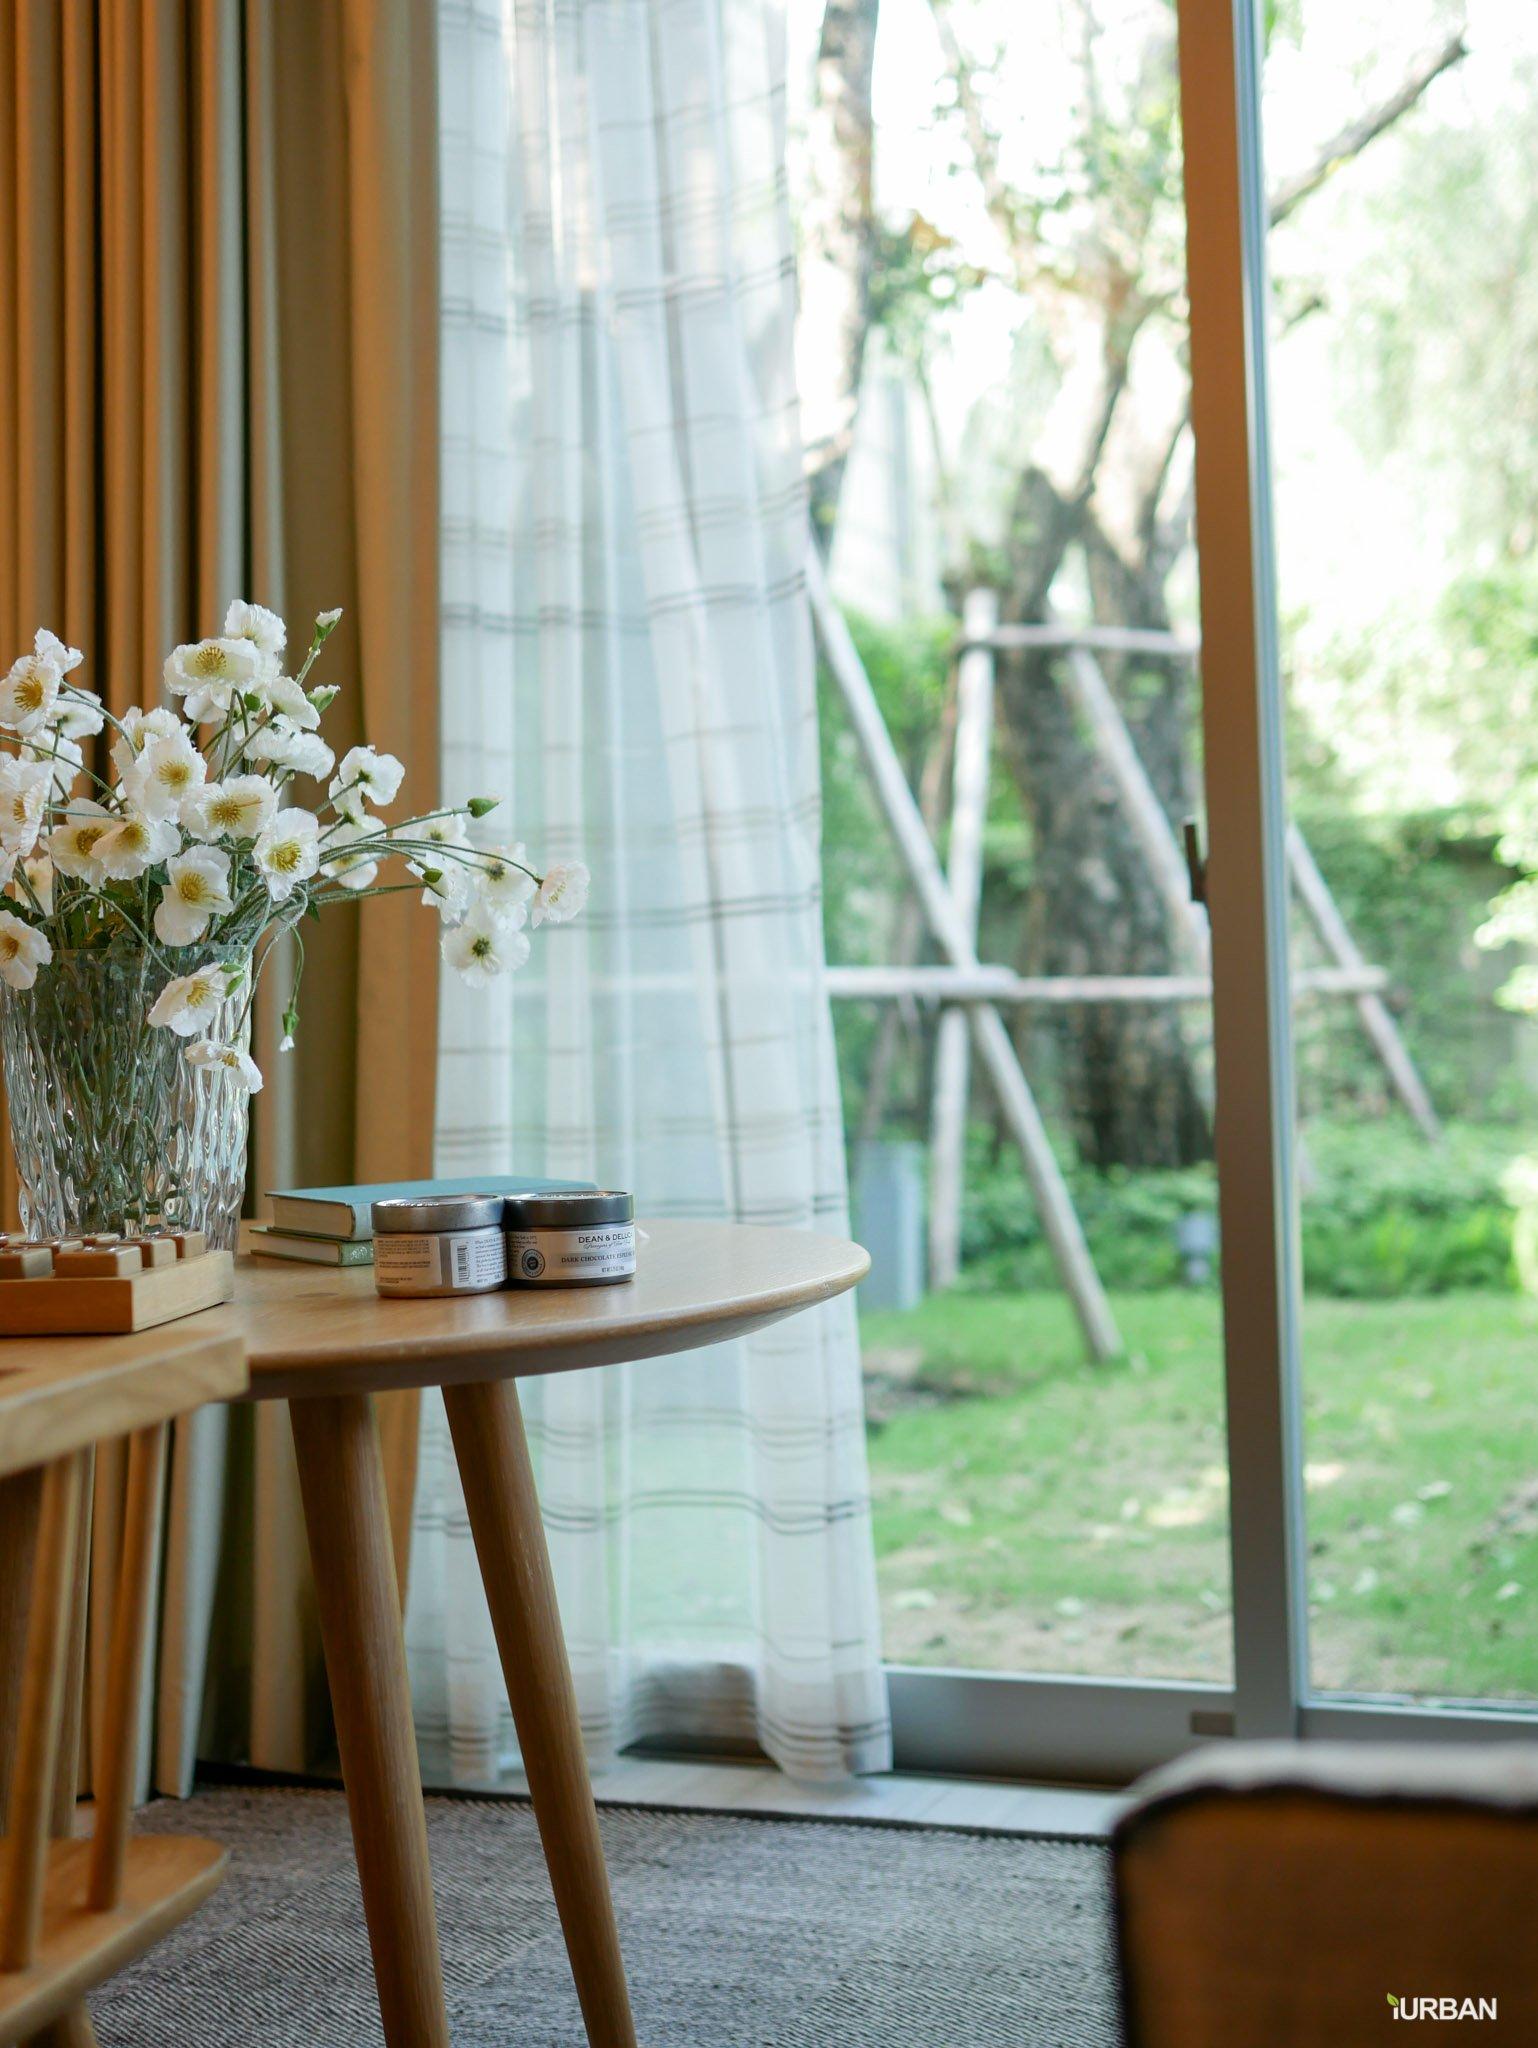 รีวิว Nirvana Beyond พระราม 2 บ้านที่ออกแบบทุกดีเทลเพื่อความสุขทุก GEN ของครอบครัวใหญ่ 68 - Beyond